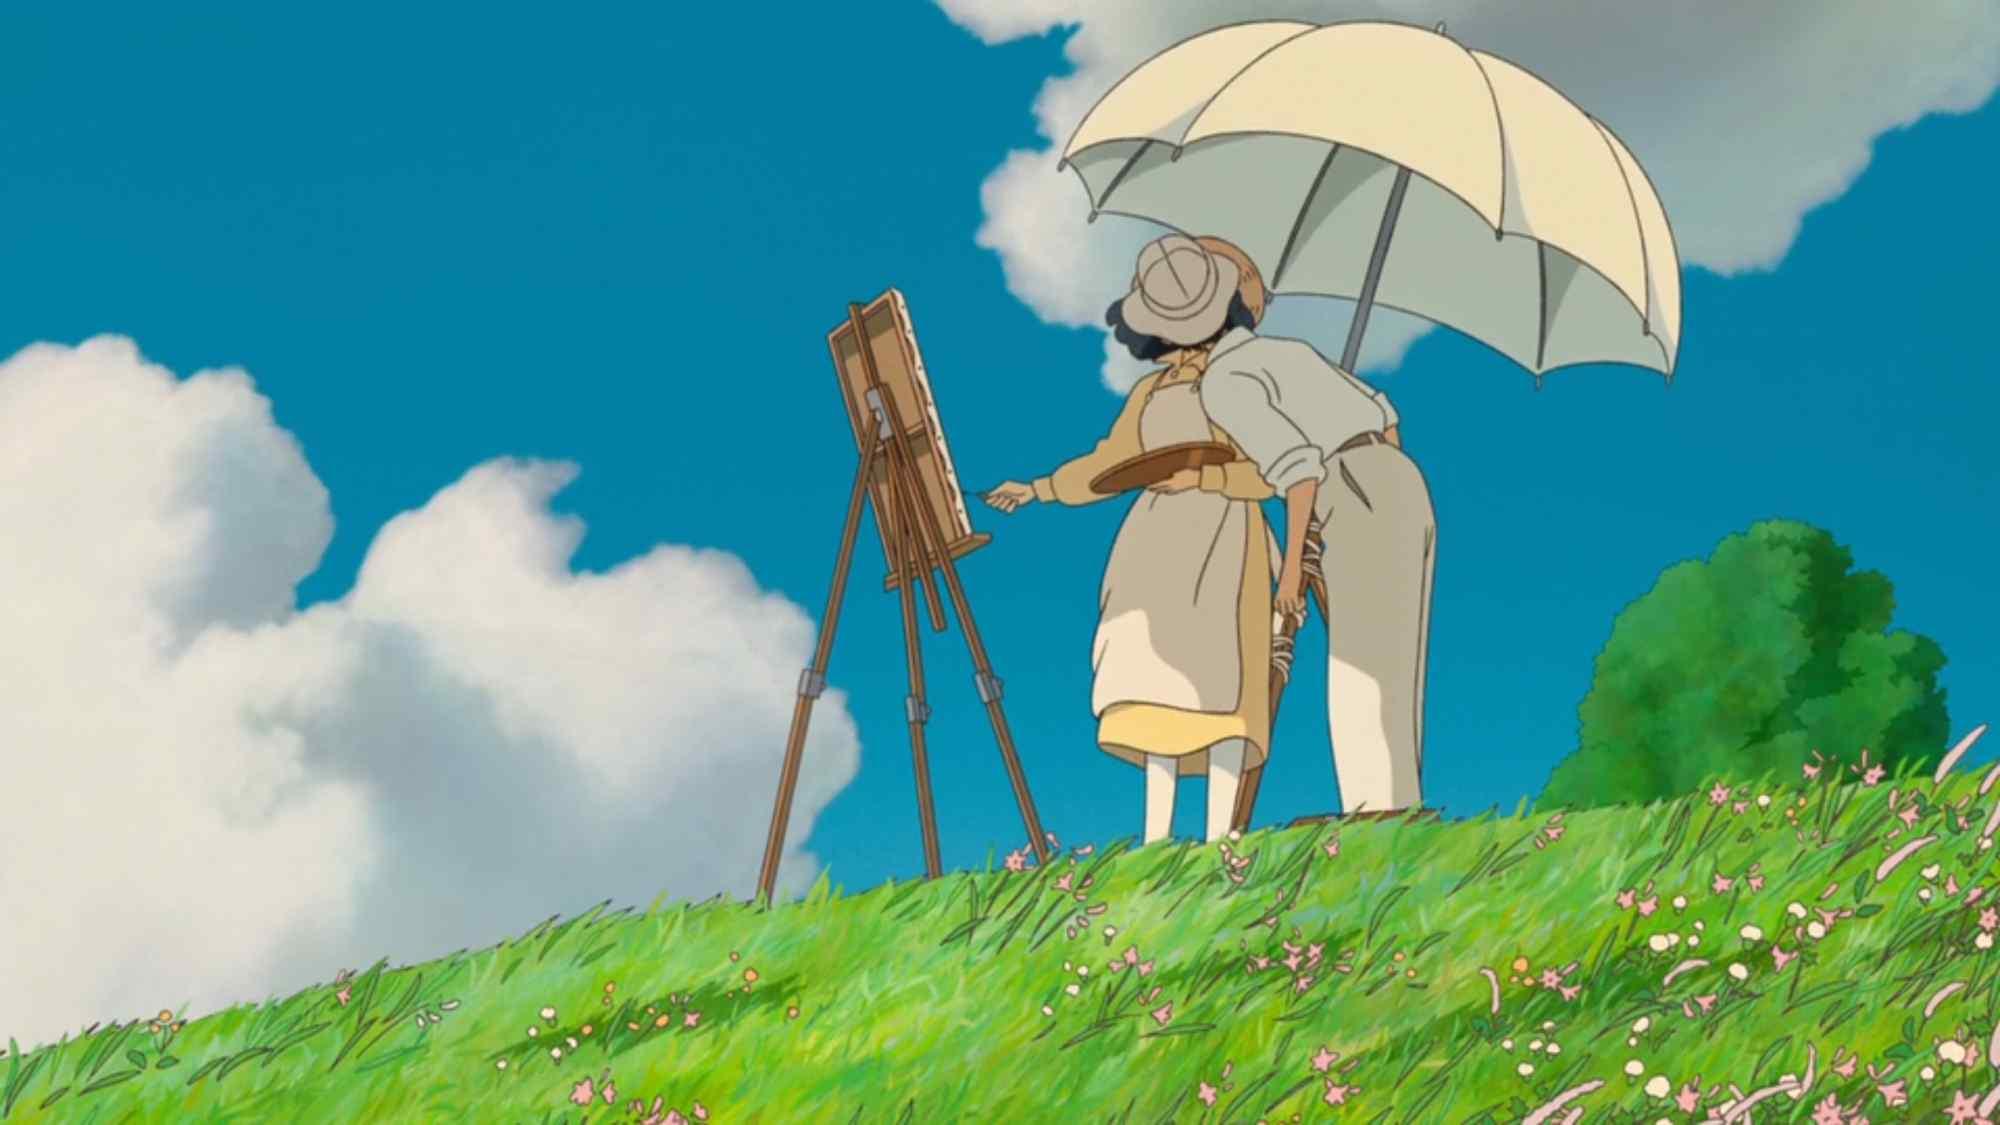 动漫电影《起风了》桌面壁纸